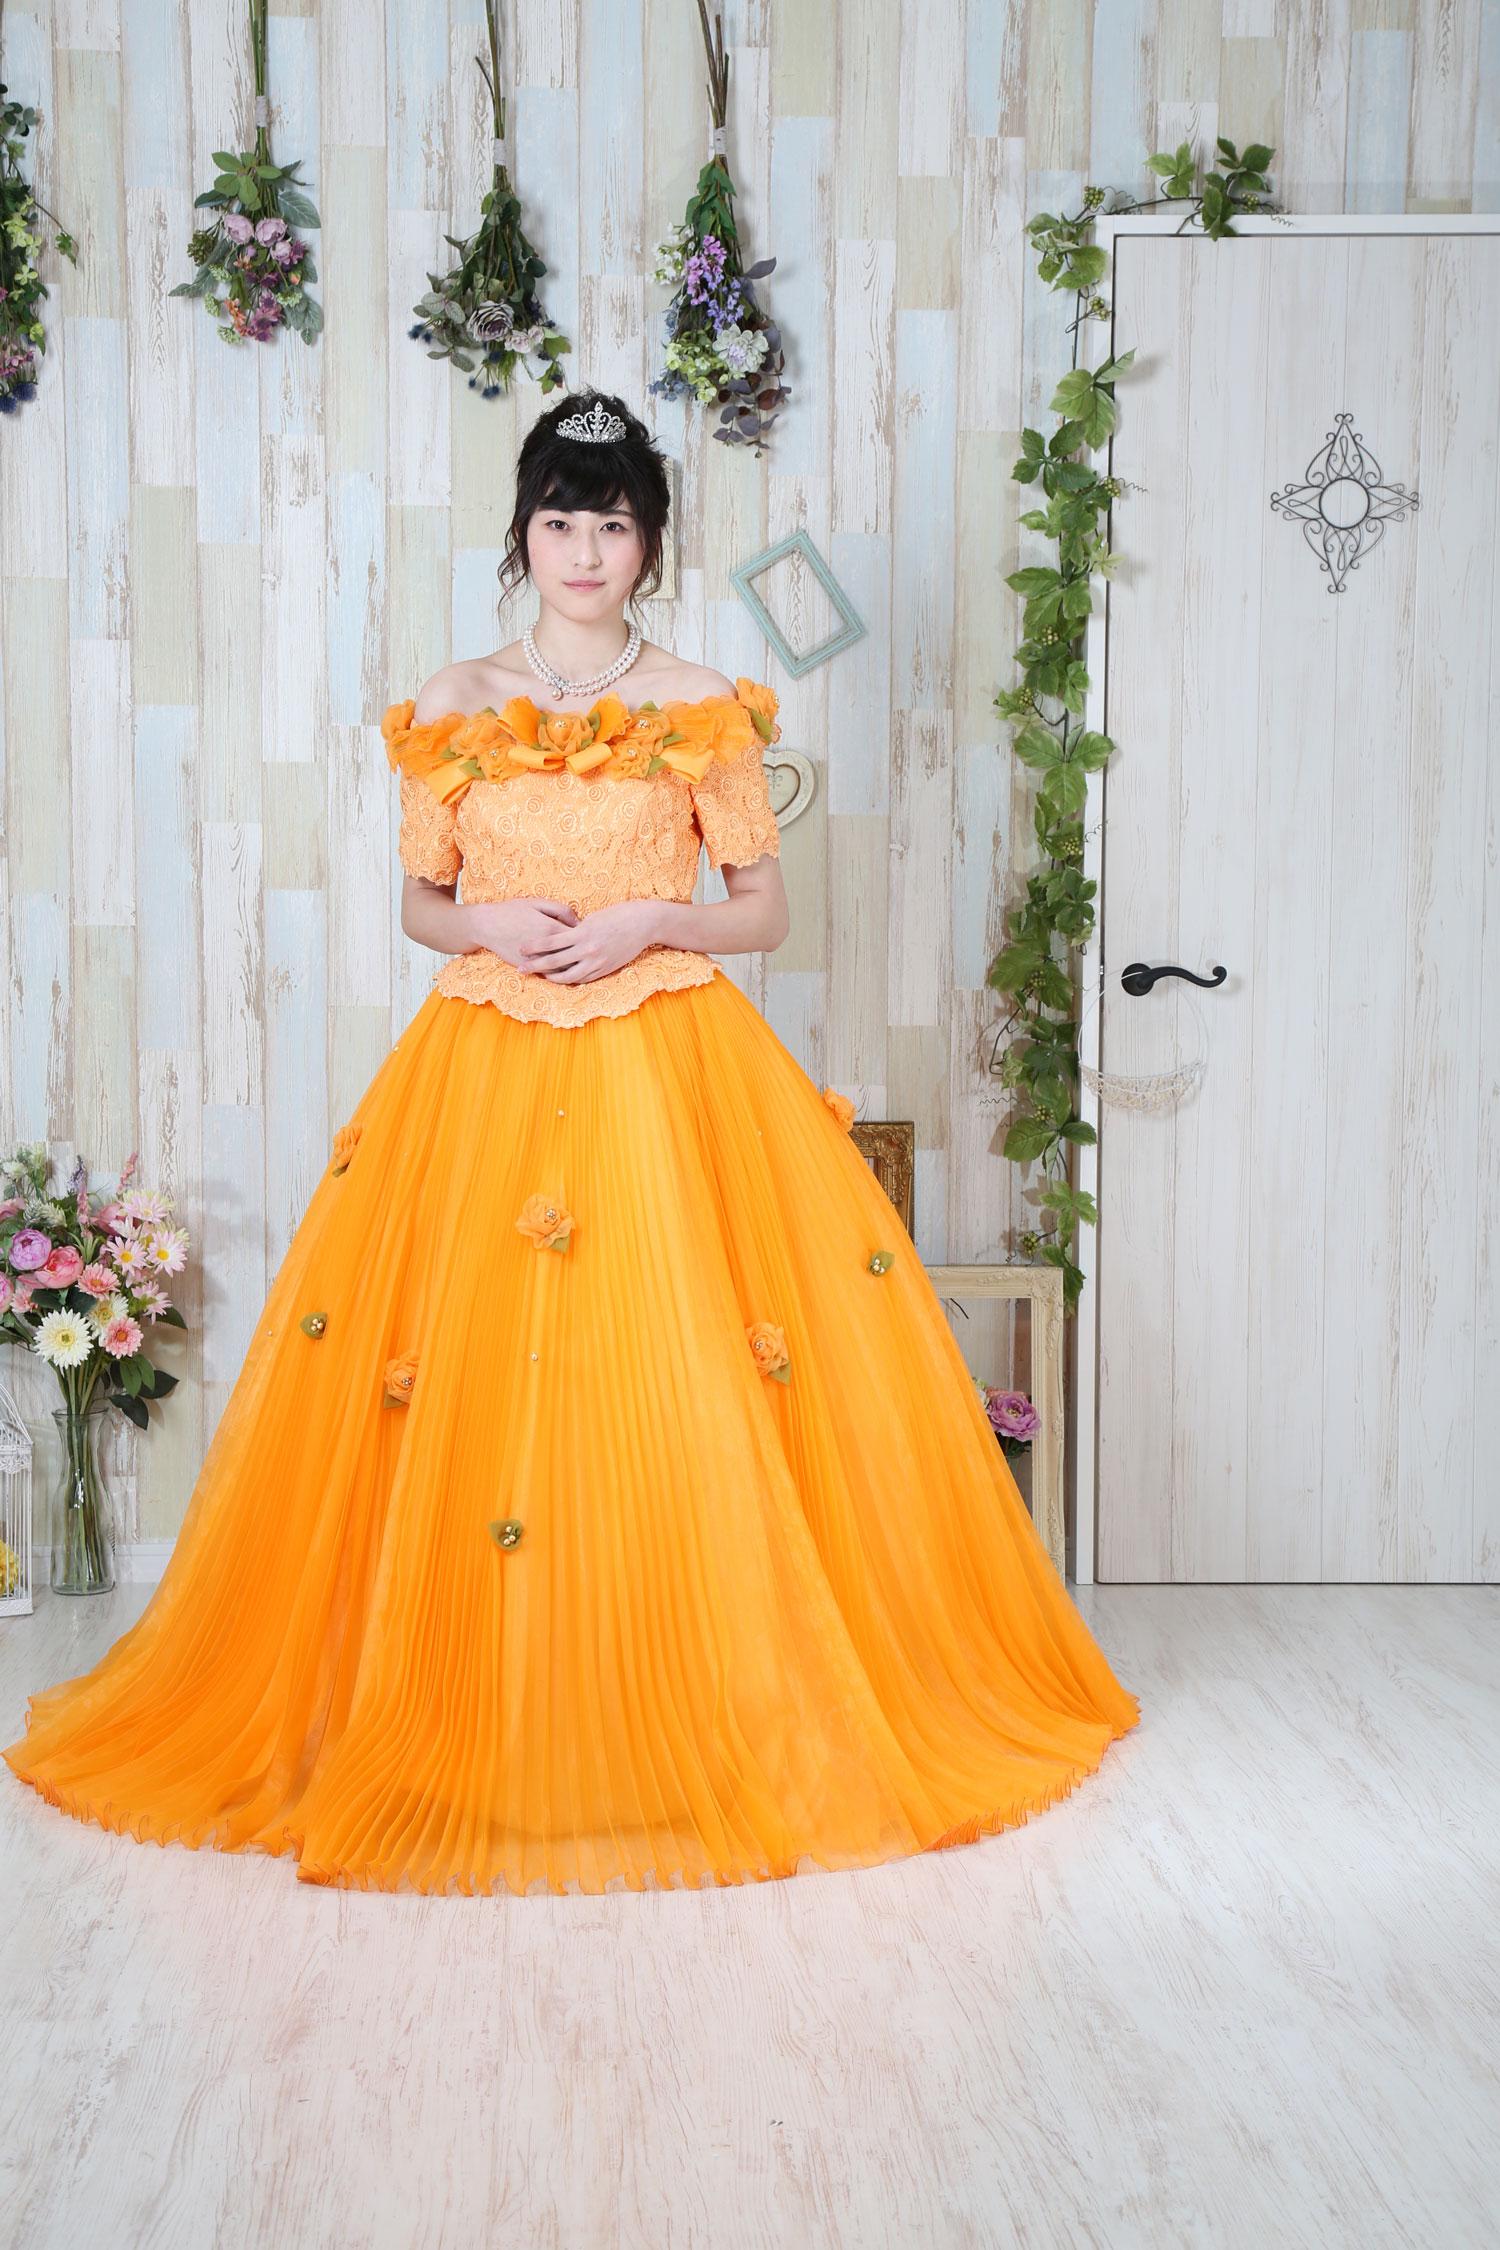 ★20180211-ドレス衣装撮影_244